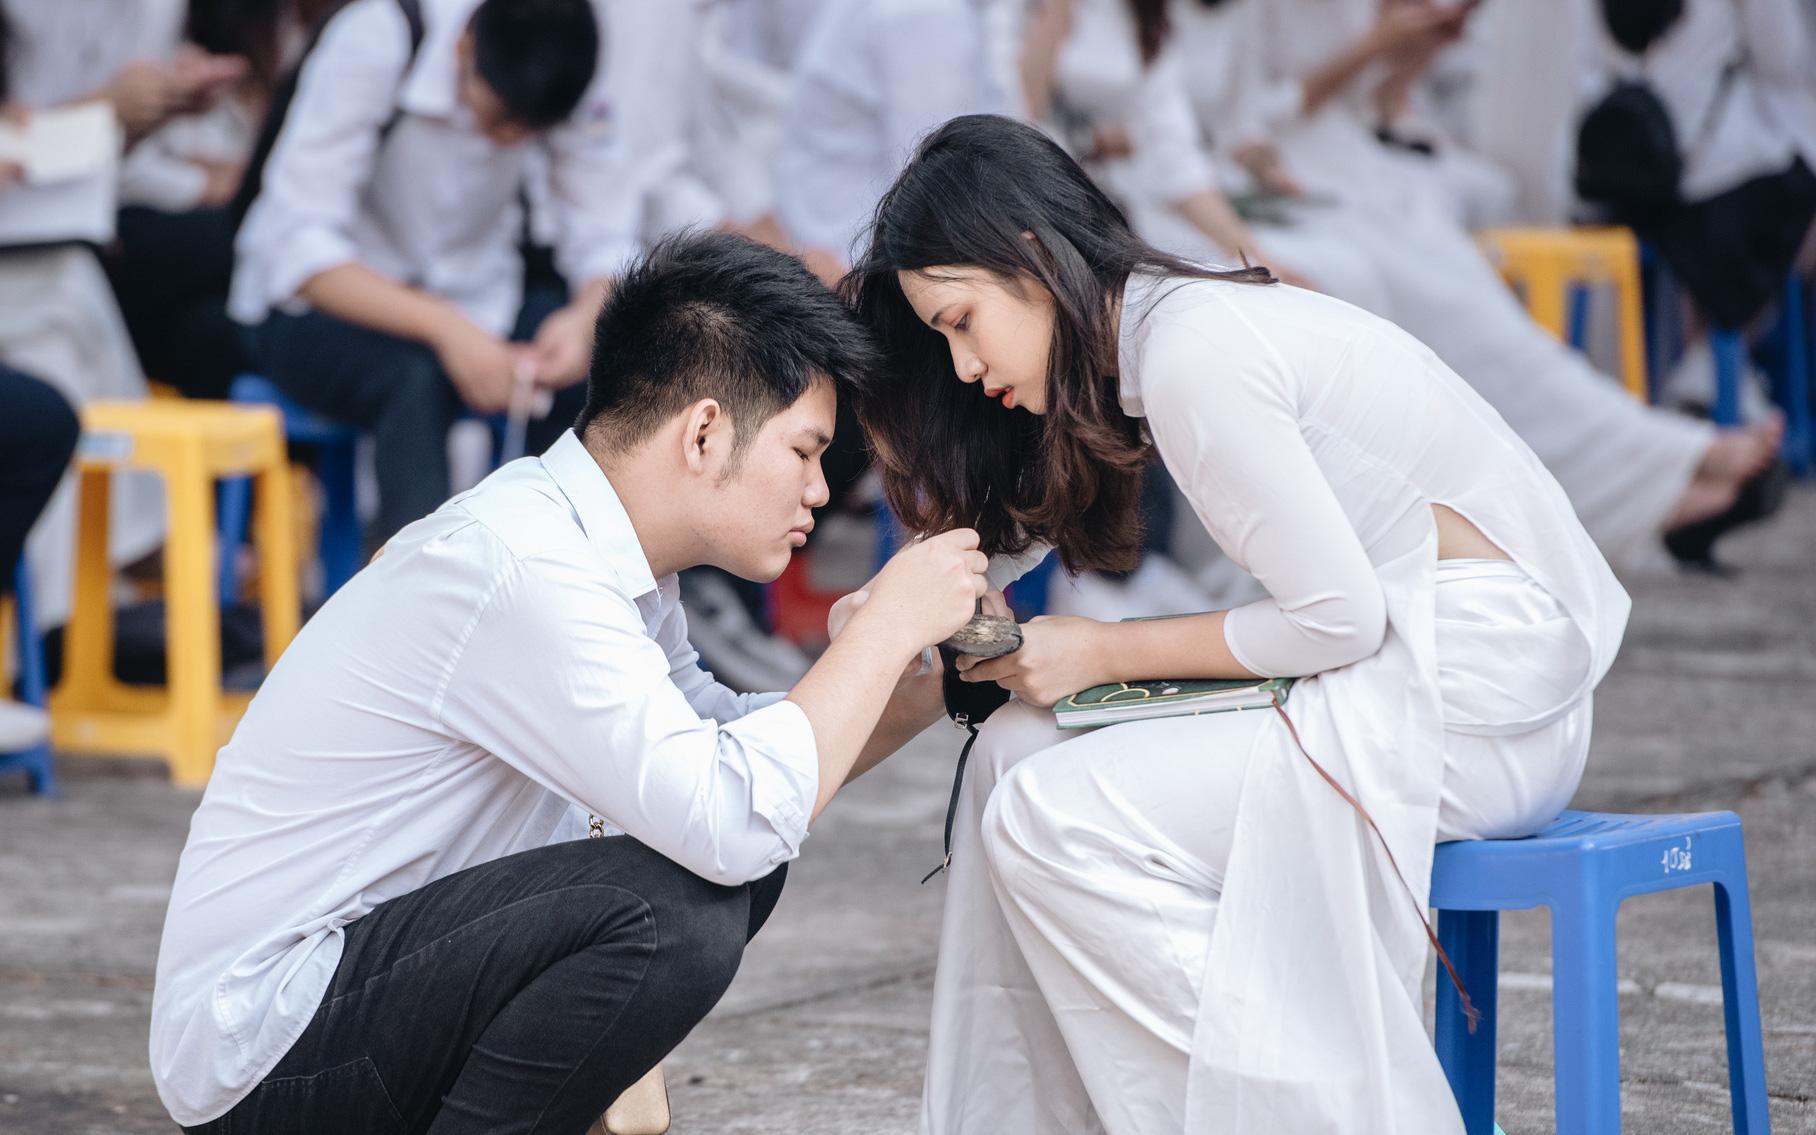 Khoảnh khắc dễ thương trong lễ bế giảng THPT Chu Văn An: Nam sinh cặm cụi sửa giày cho bạn gái cùng lớp